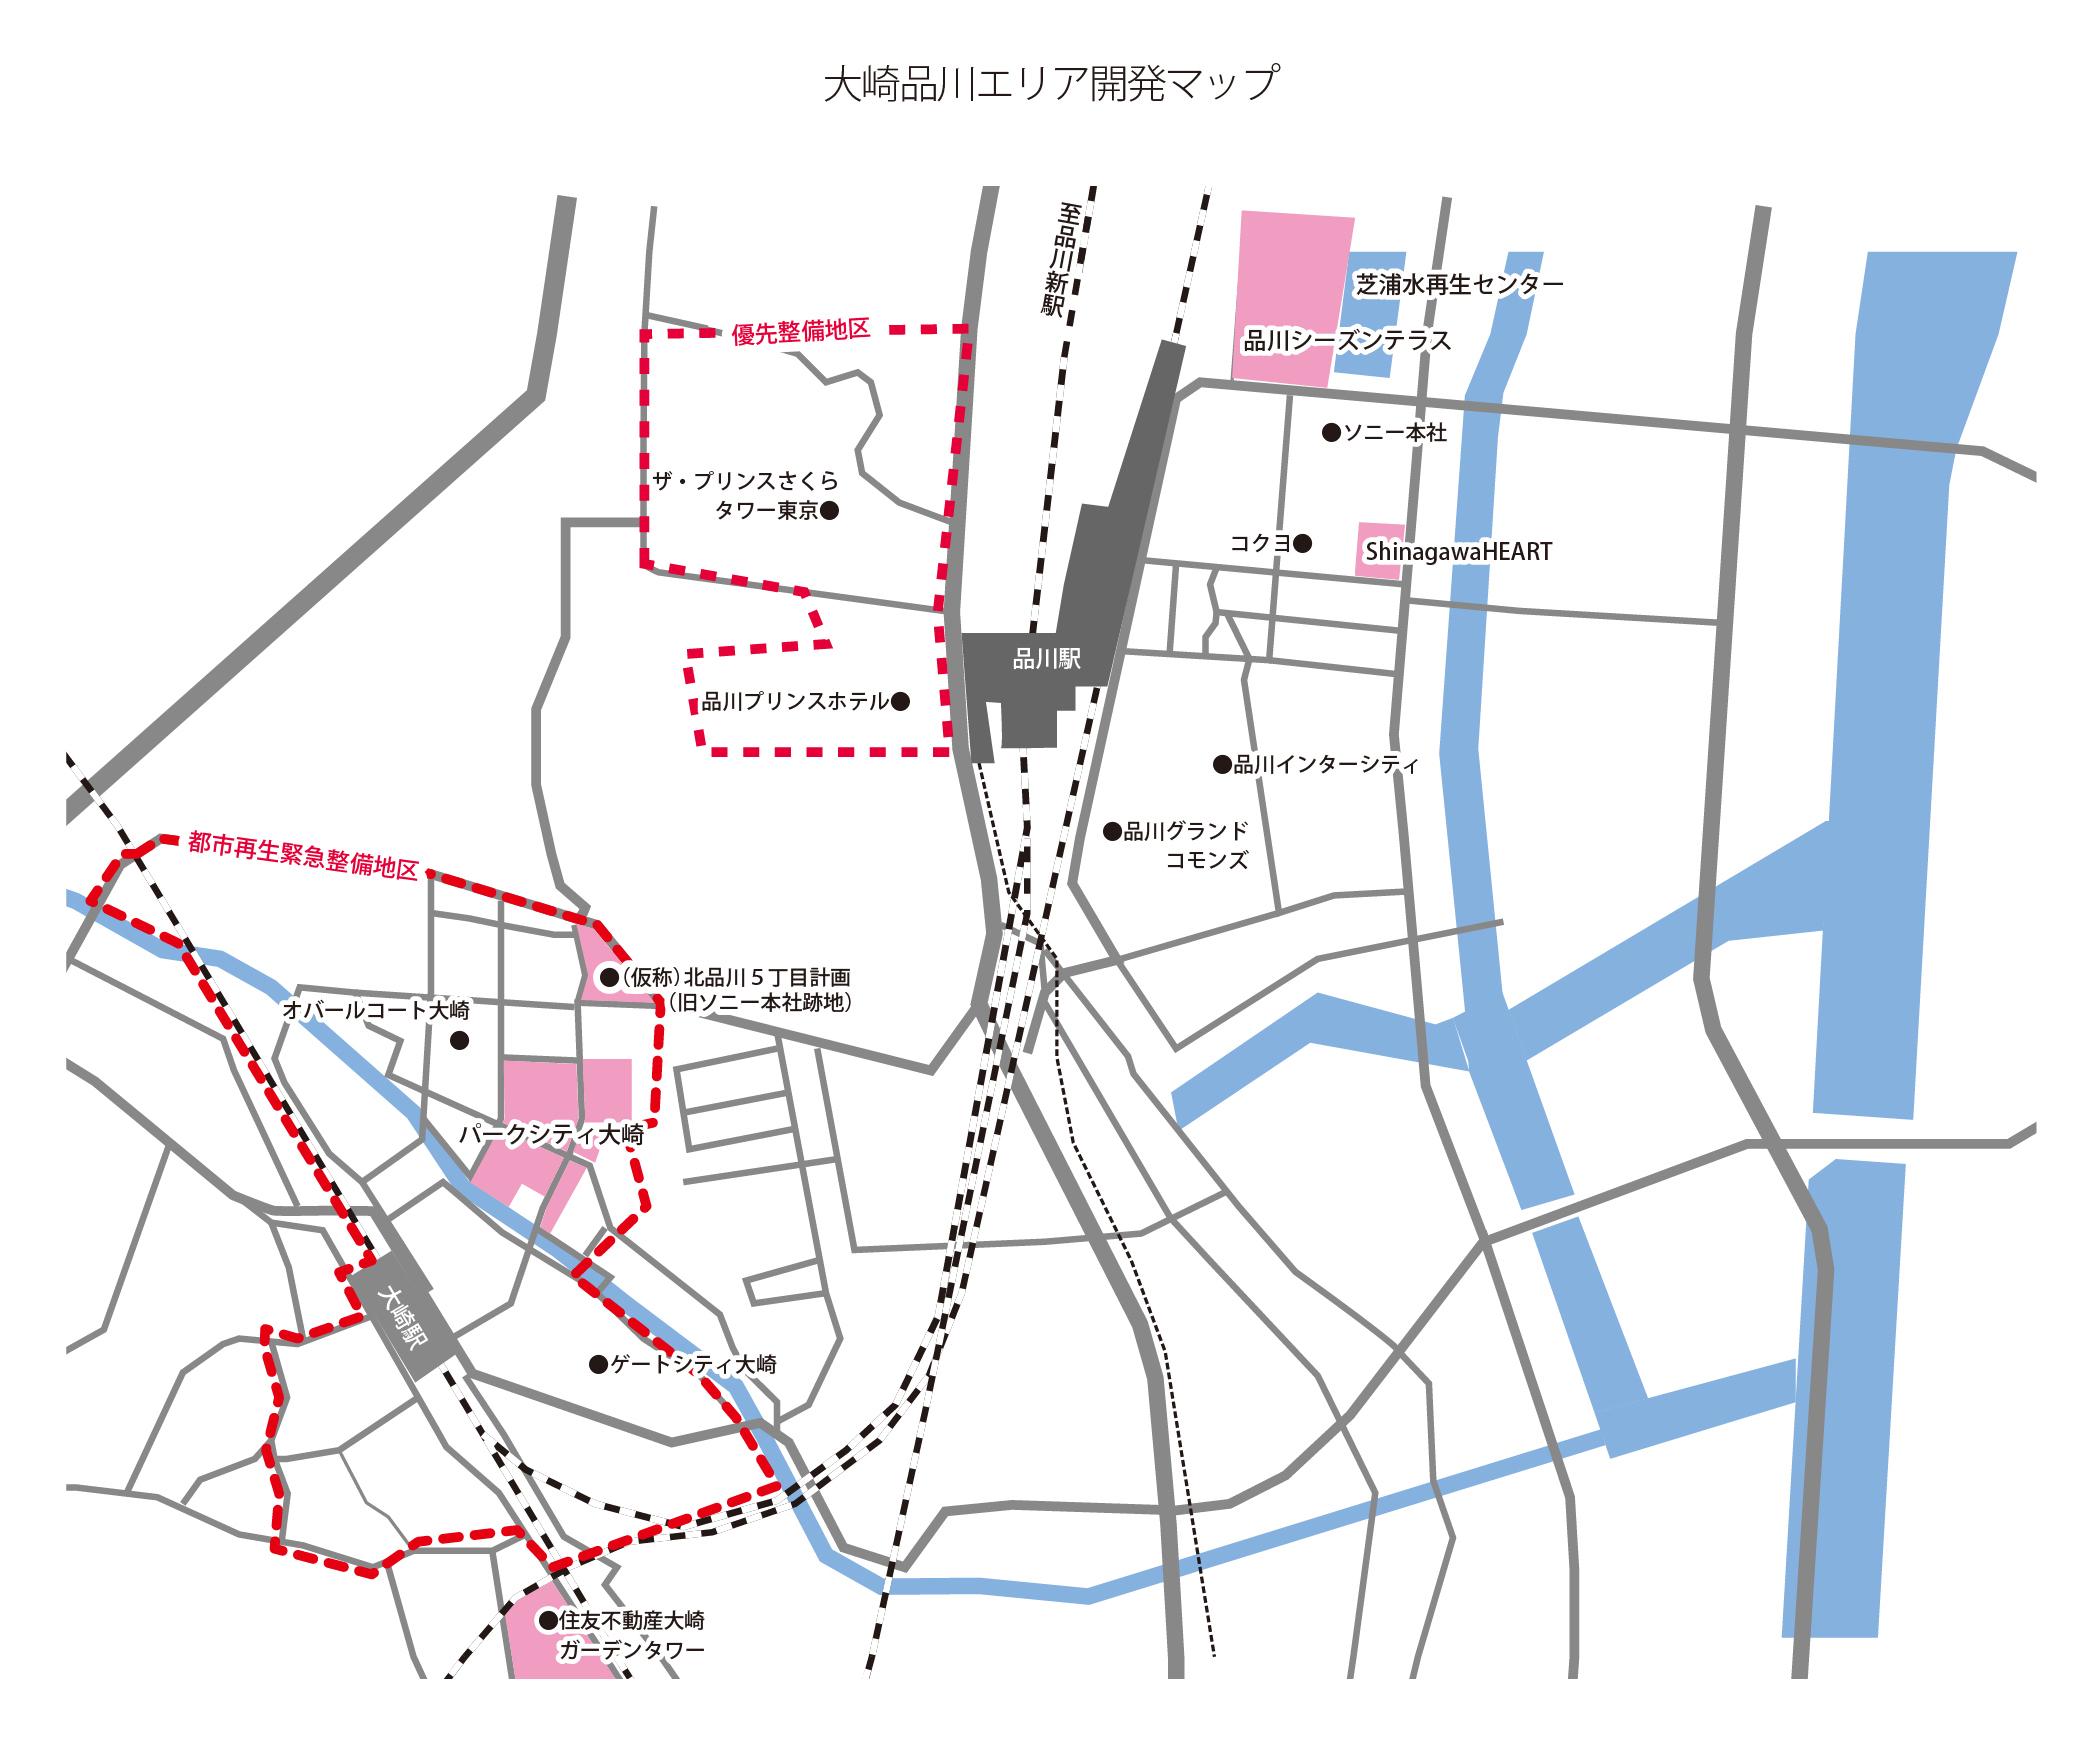 大崎品川エリア開発マップ